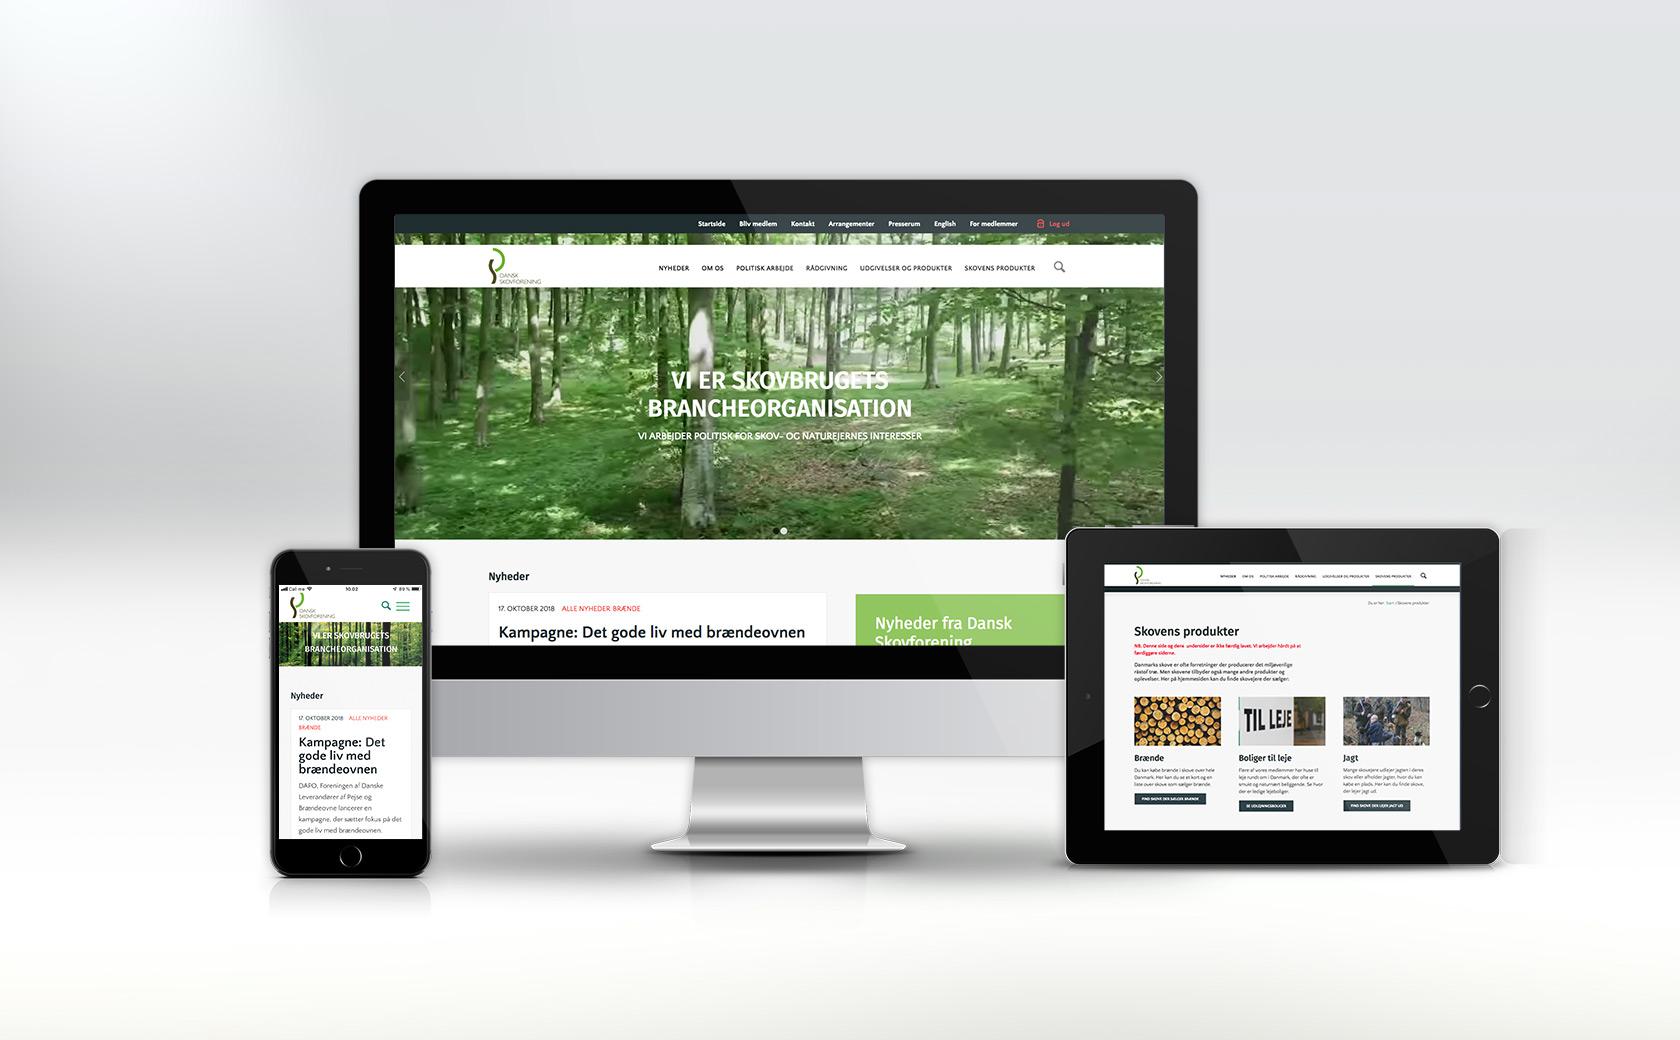 Skovforeningen_devices.jpg